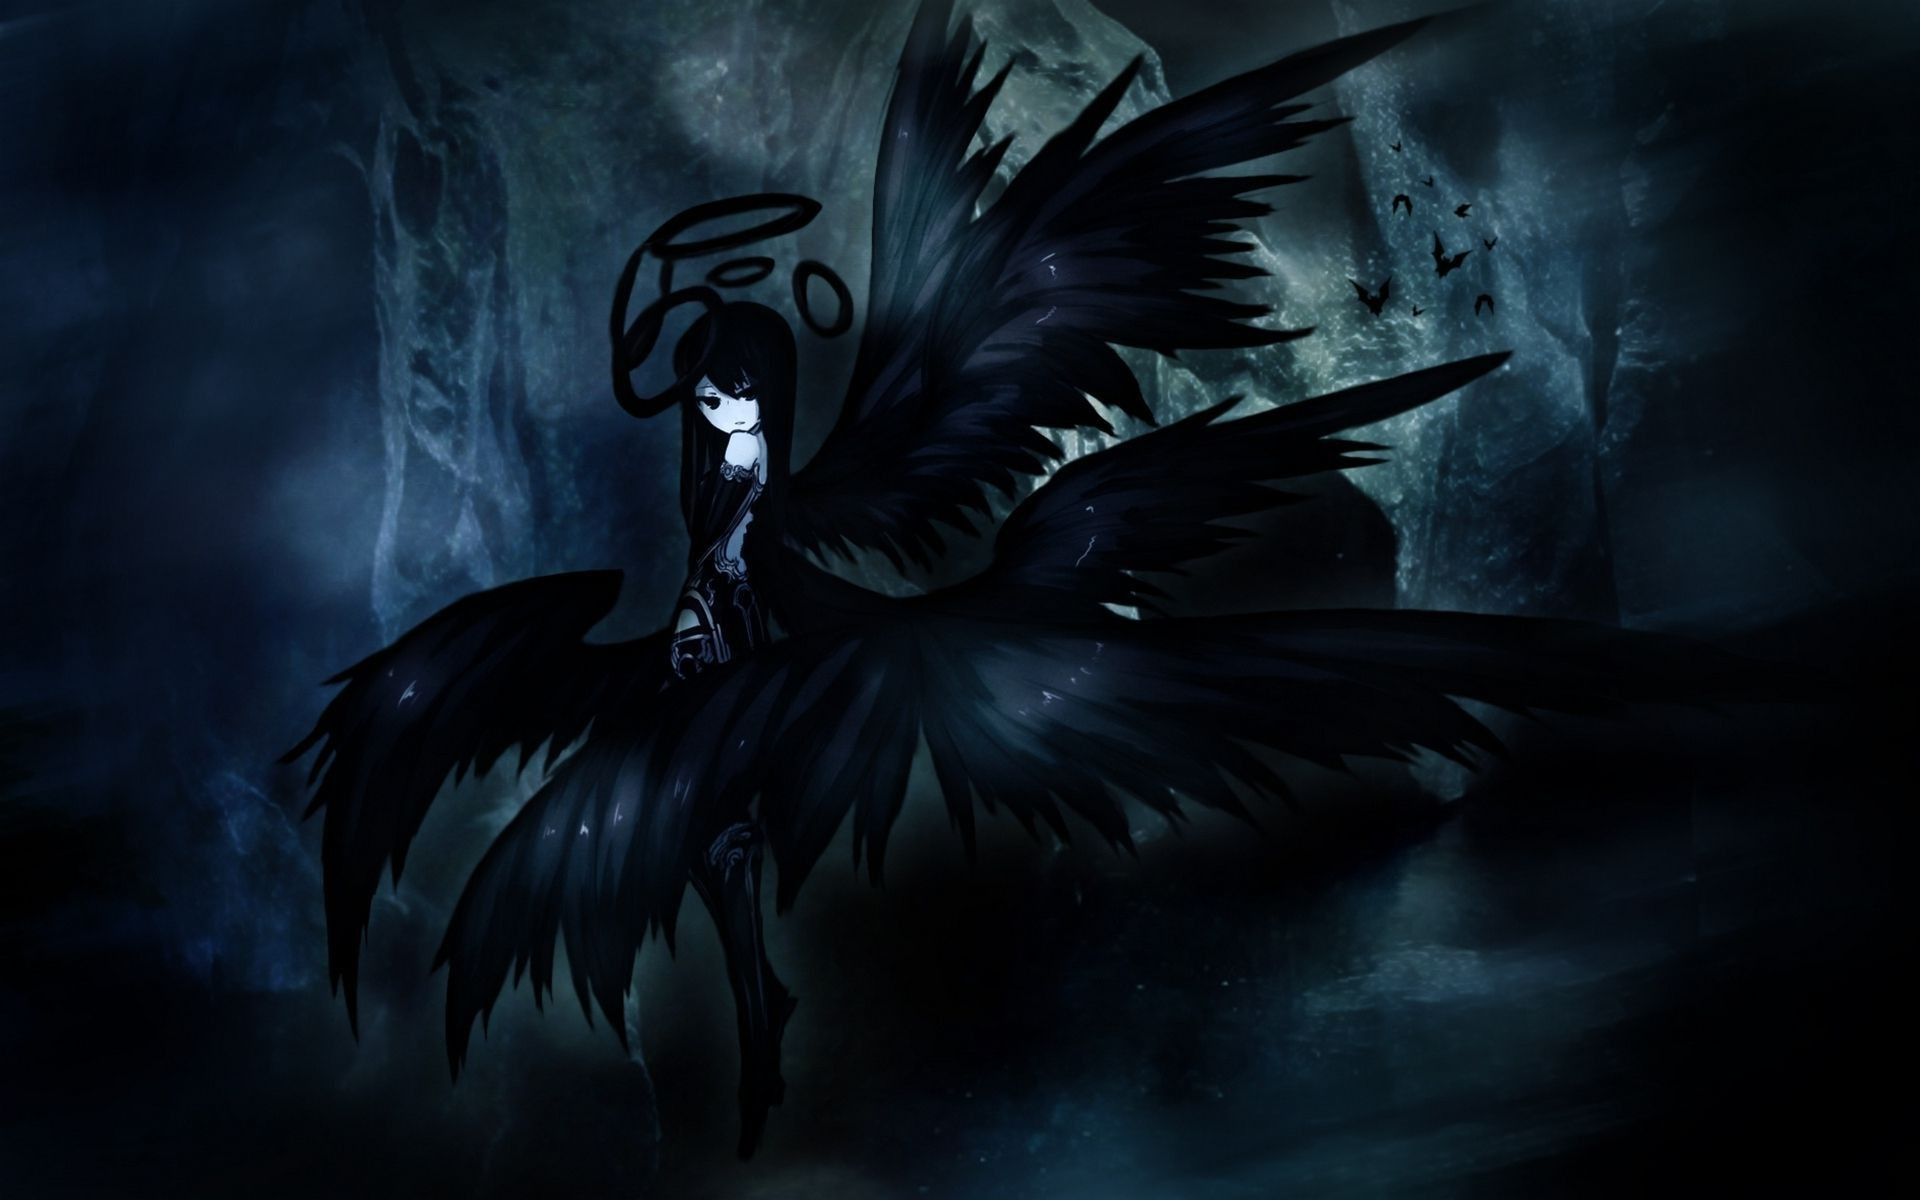 Dark Anime Angel Wallpaper 6321 – uMad.com